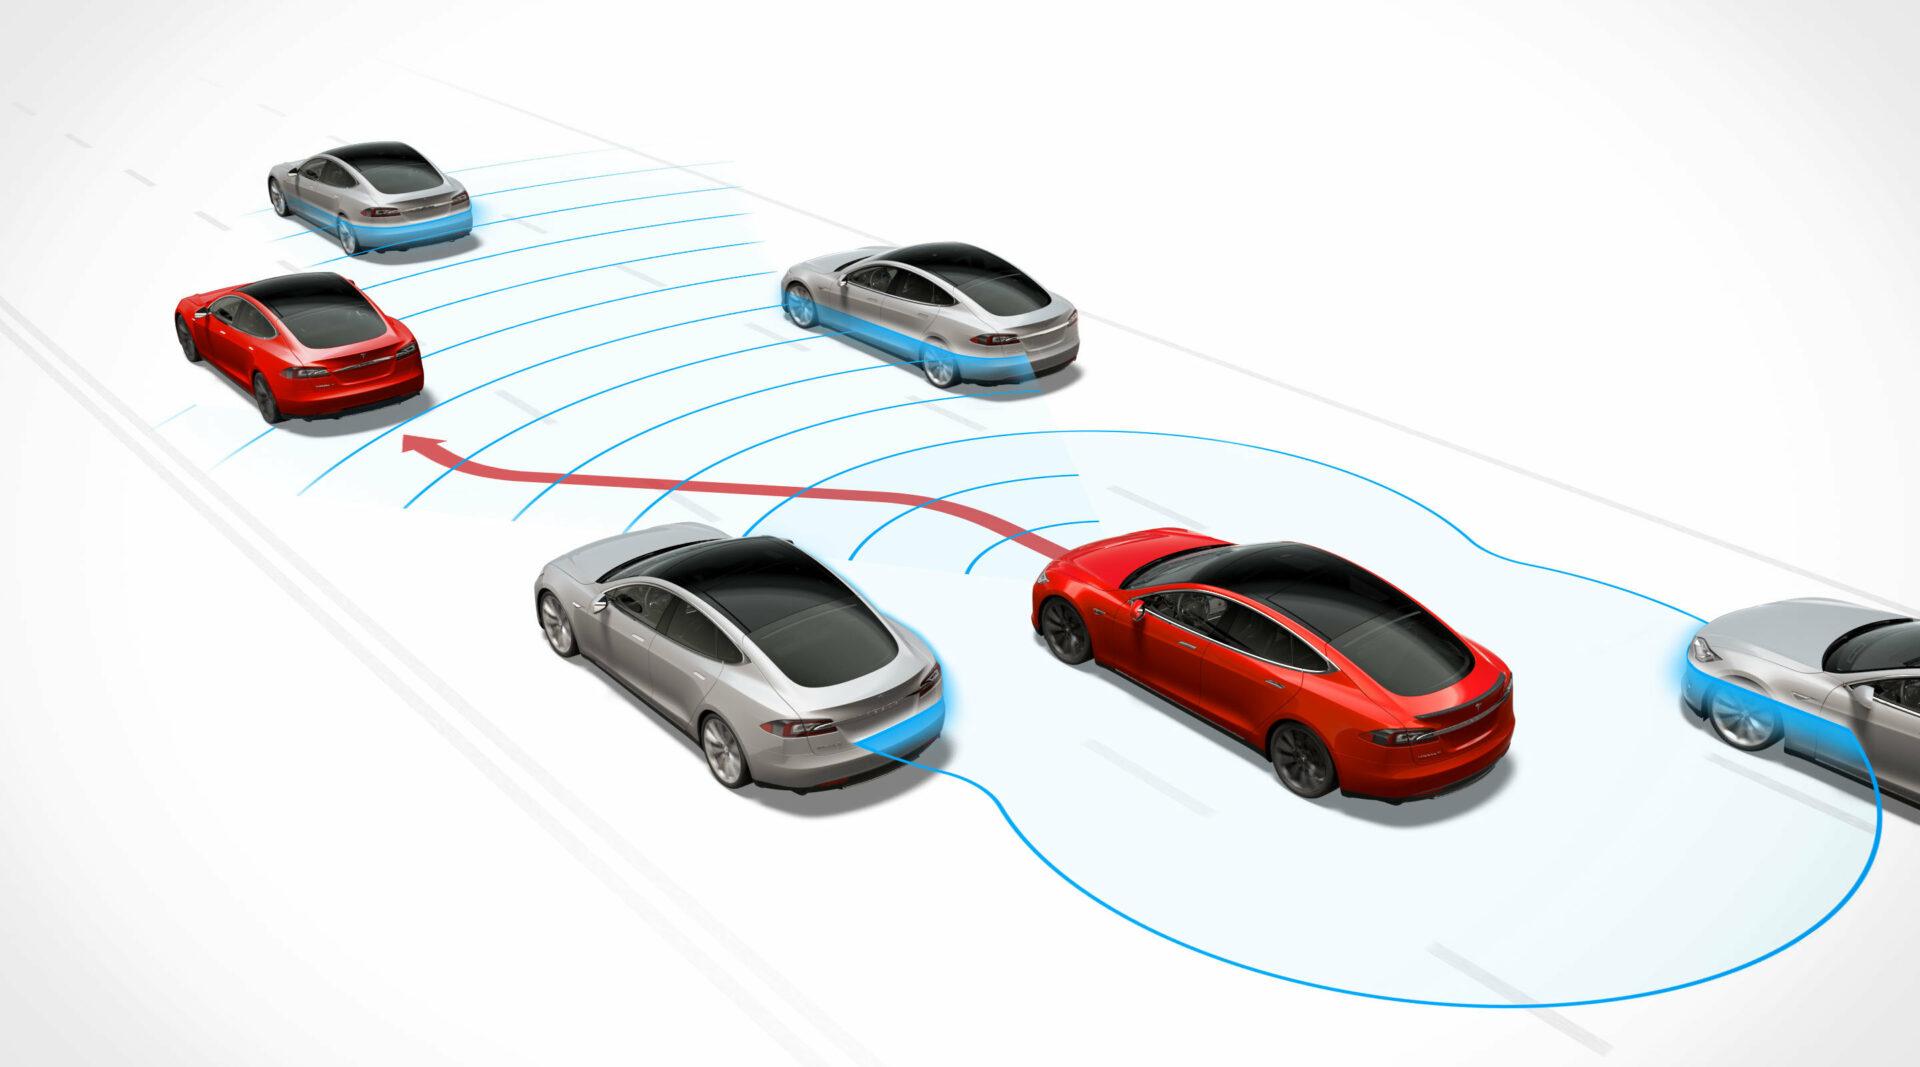 ¿Por qué dice Tesla adiós al Autopilot, su popular sistema de conducción autónoma?